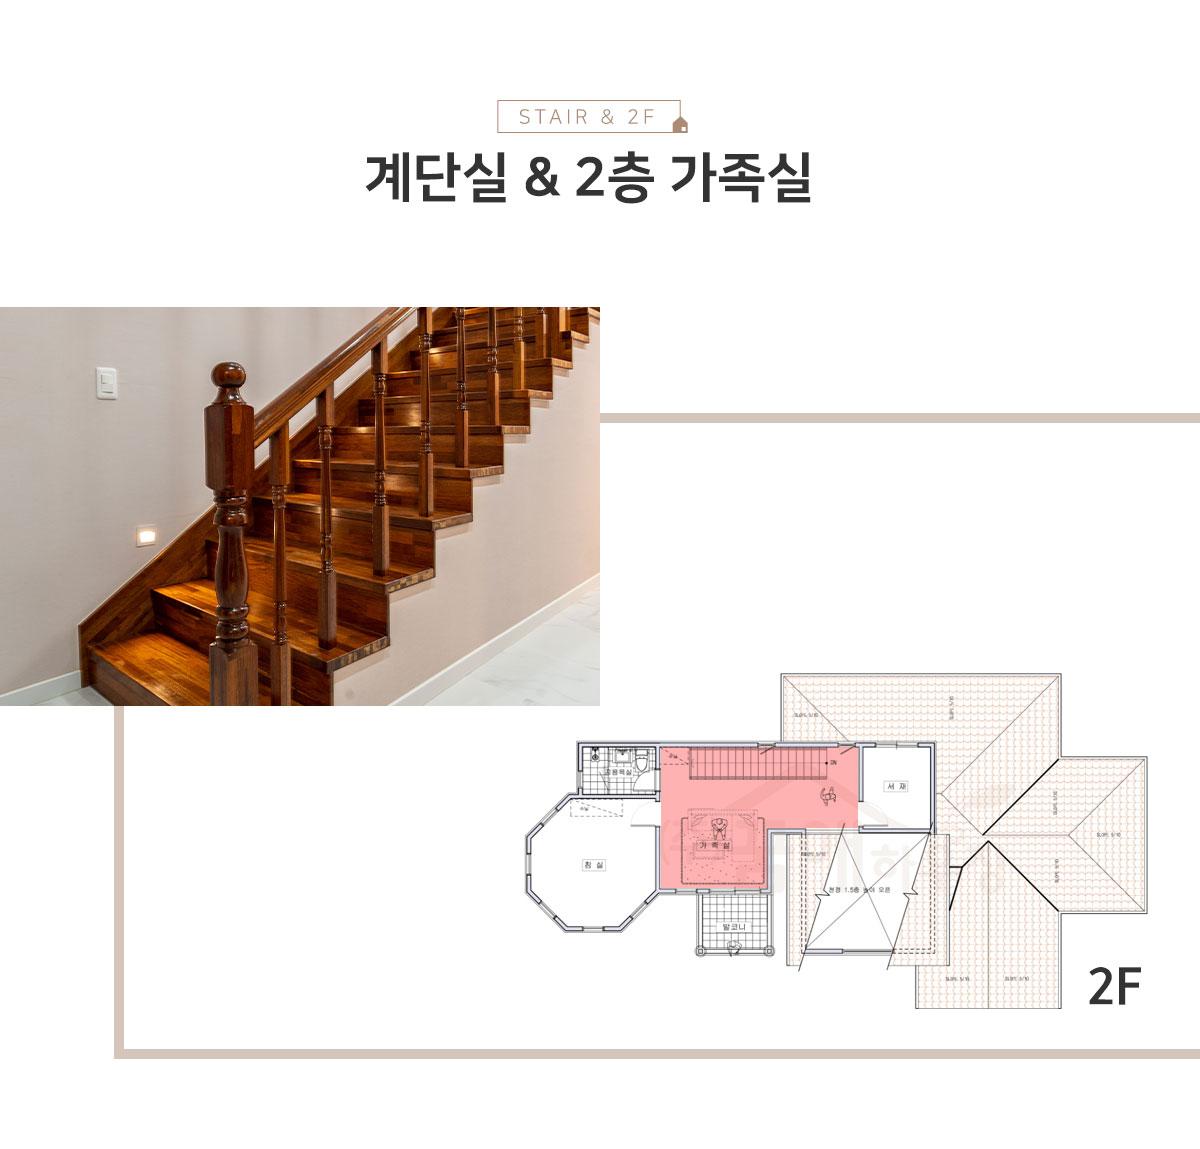 008_stair_군산_명신전기_01.jpg